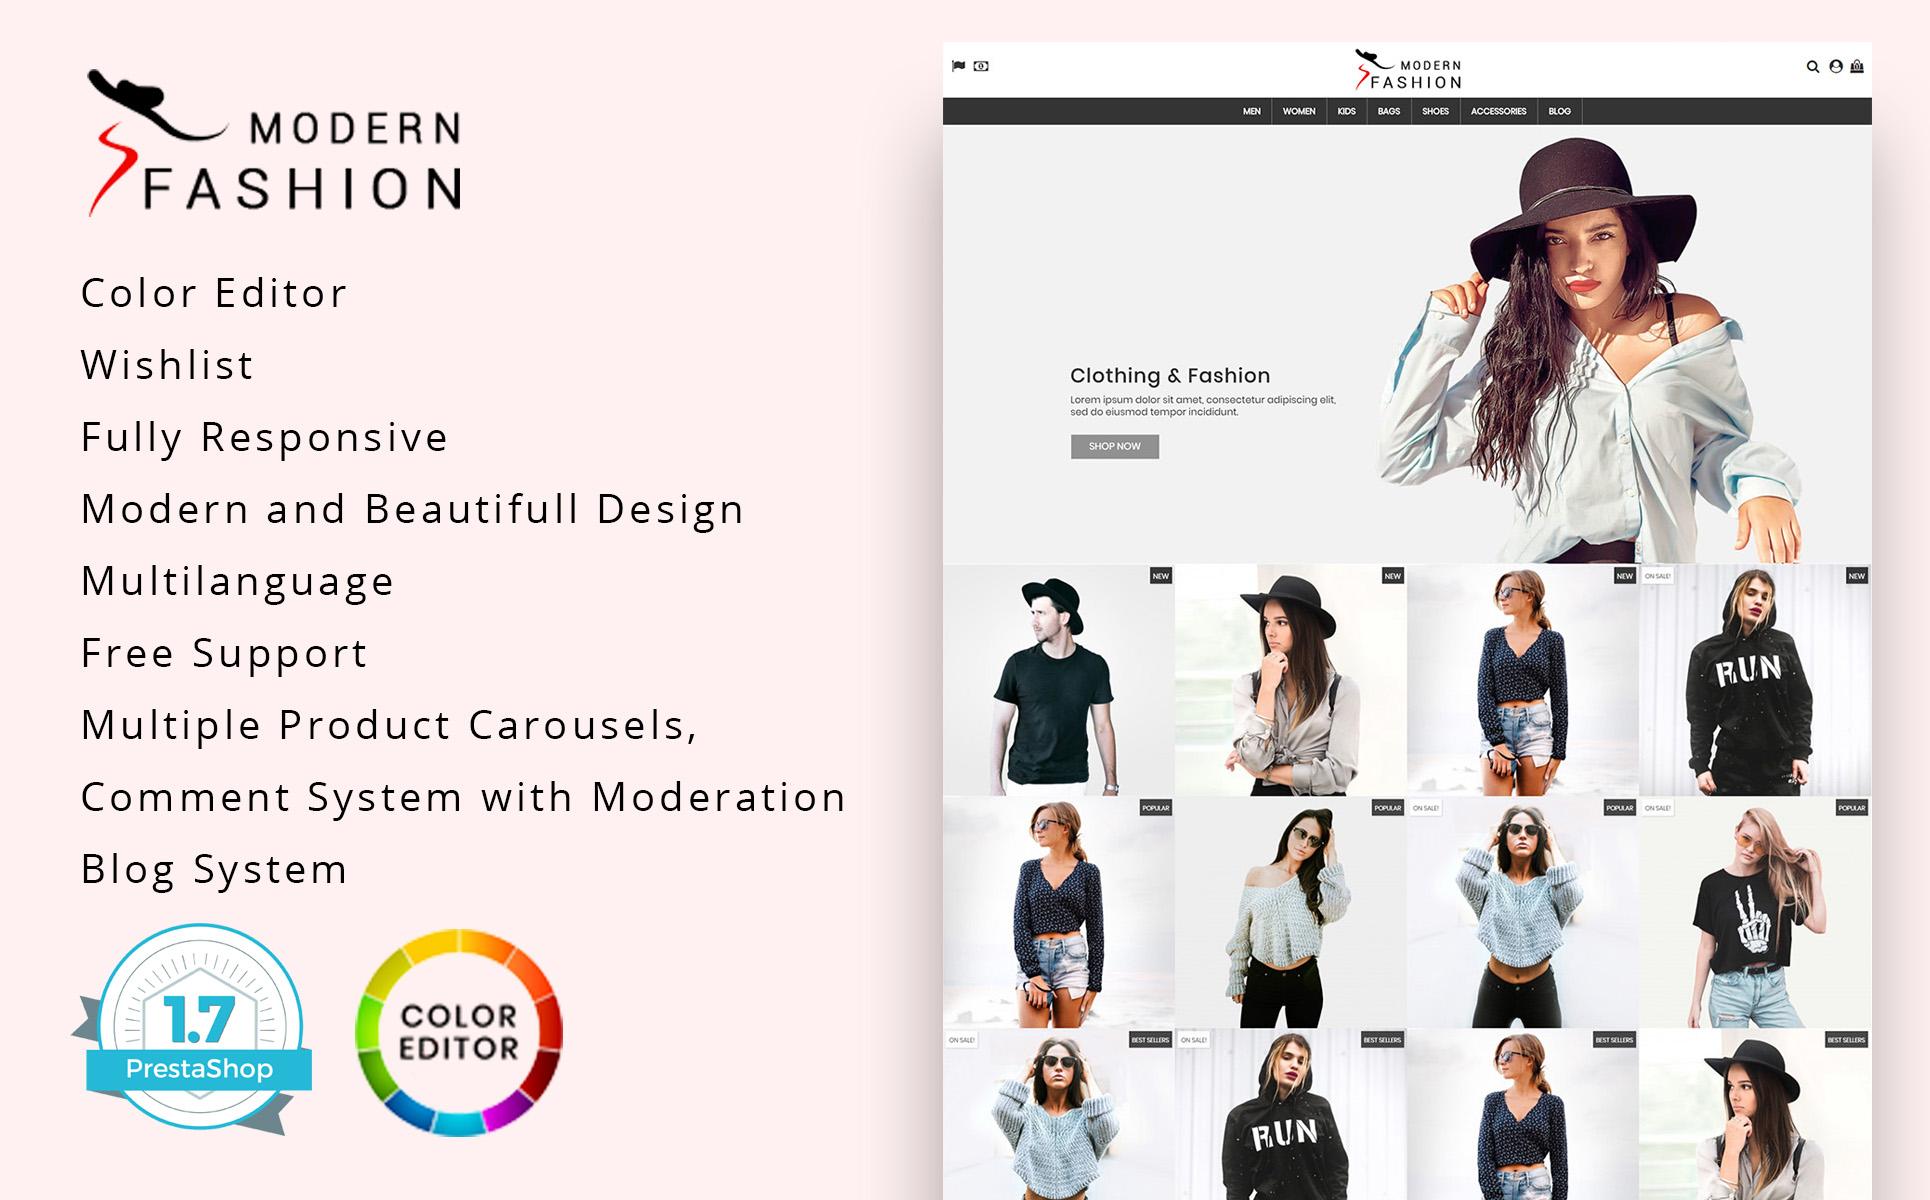 Modern Fashion 1.7 PrestaShop Theme